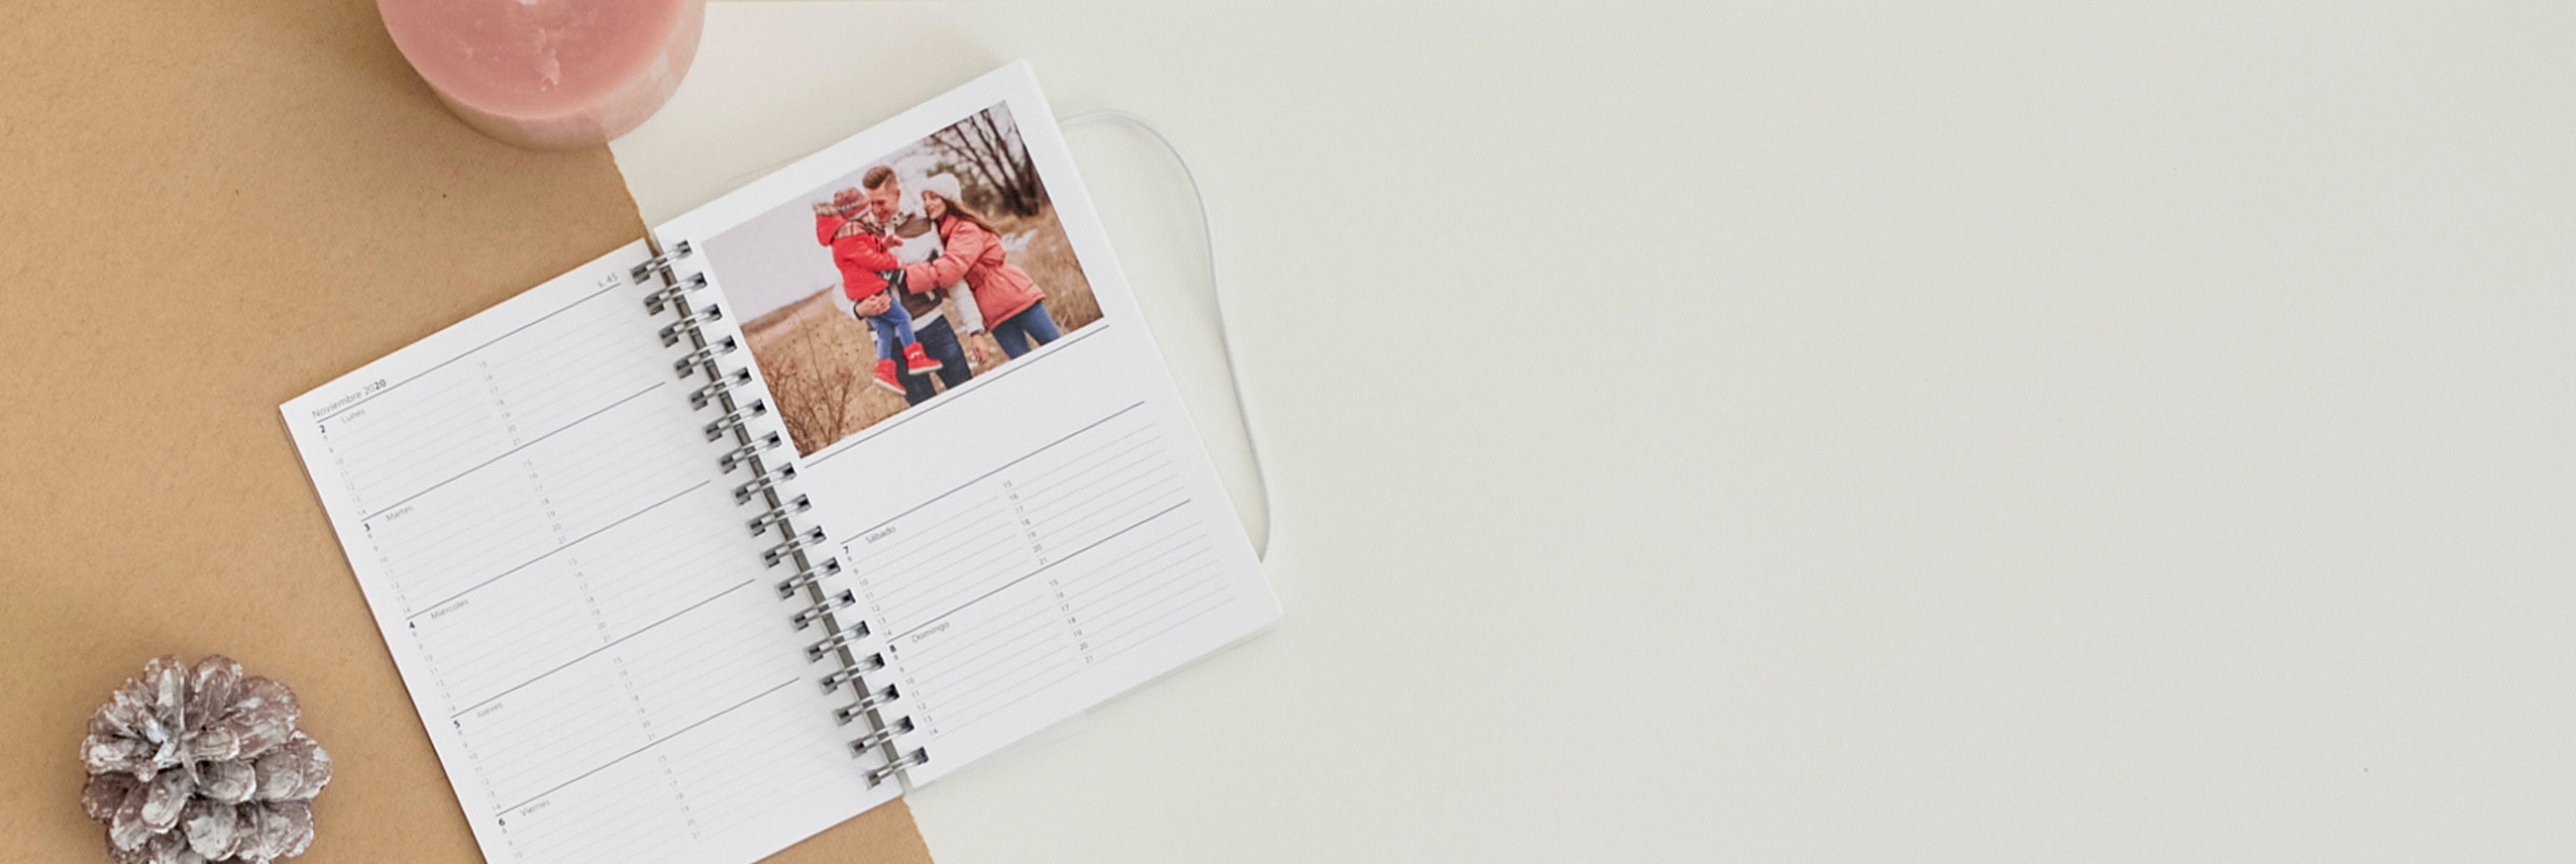 Agenda Fotos